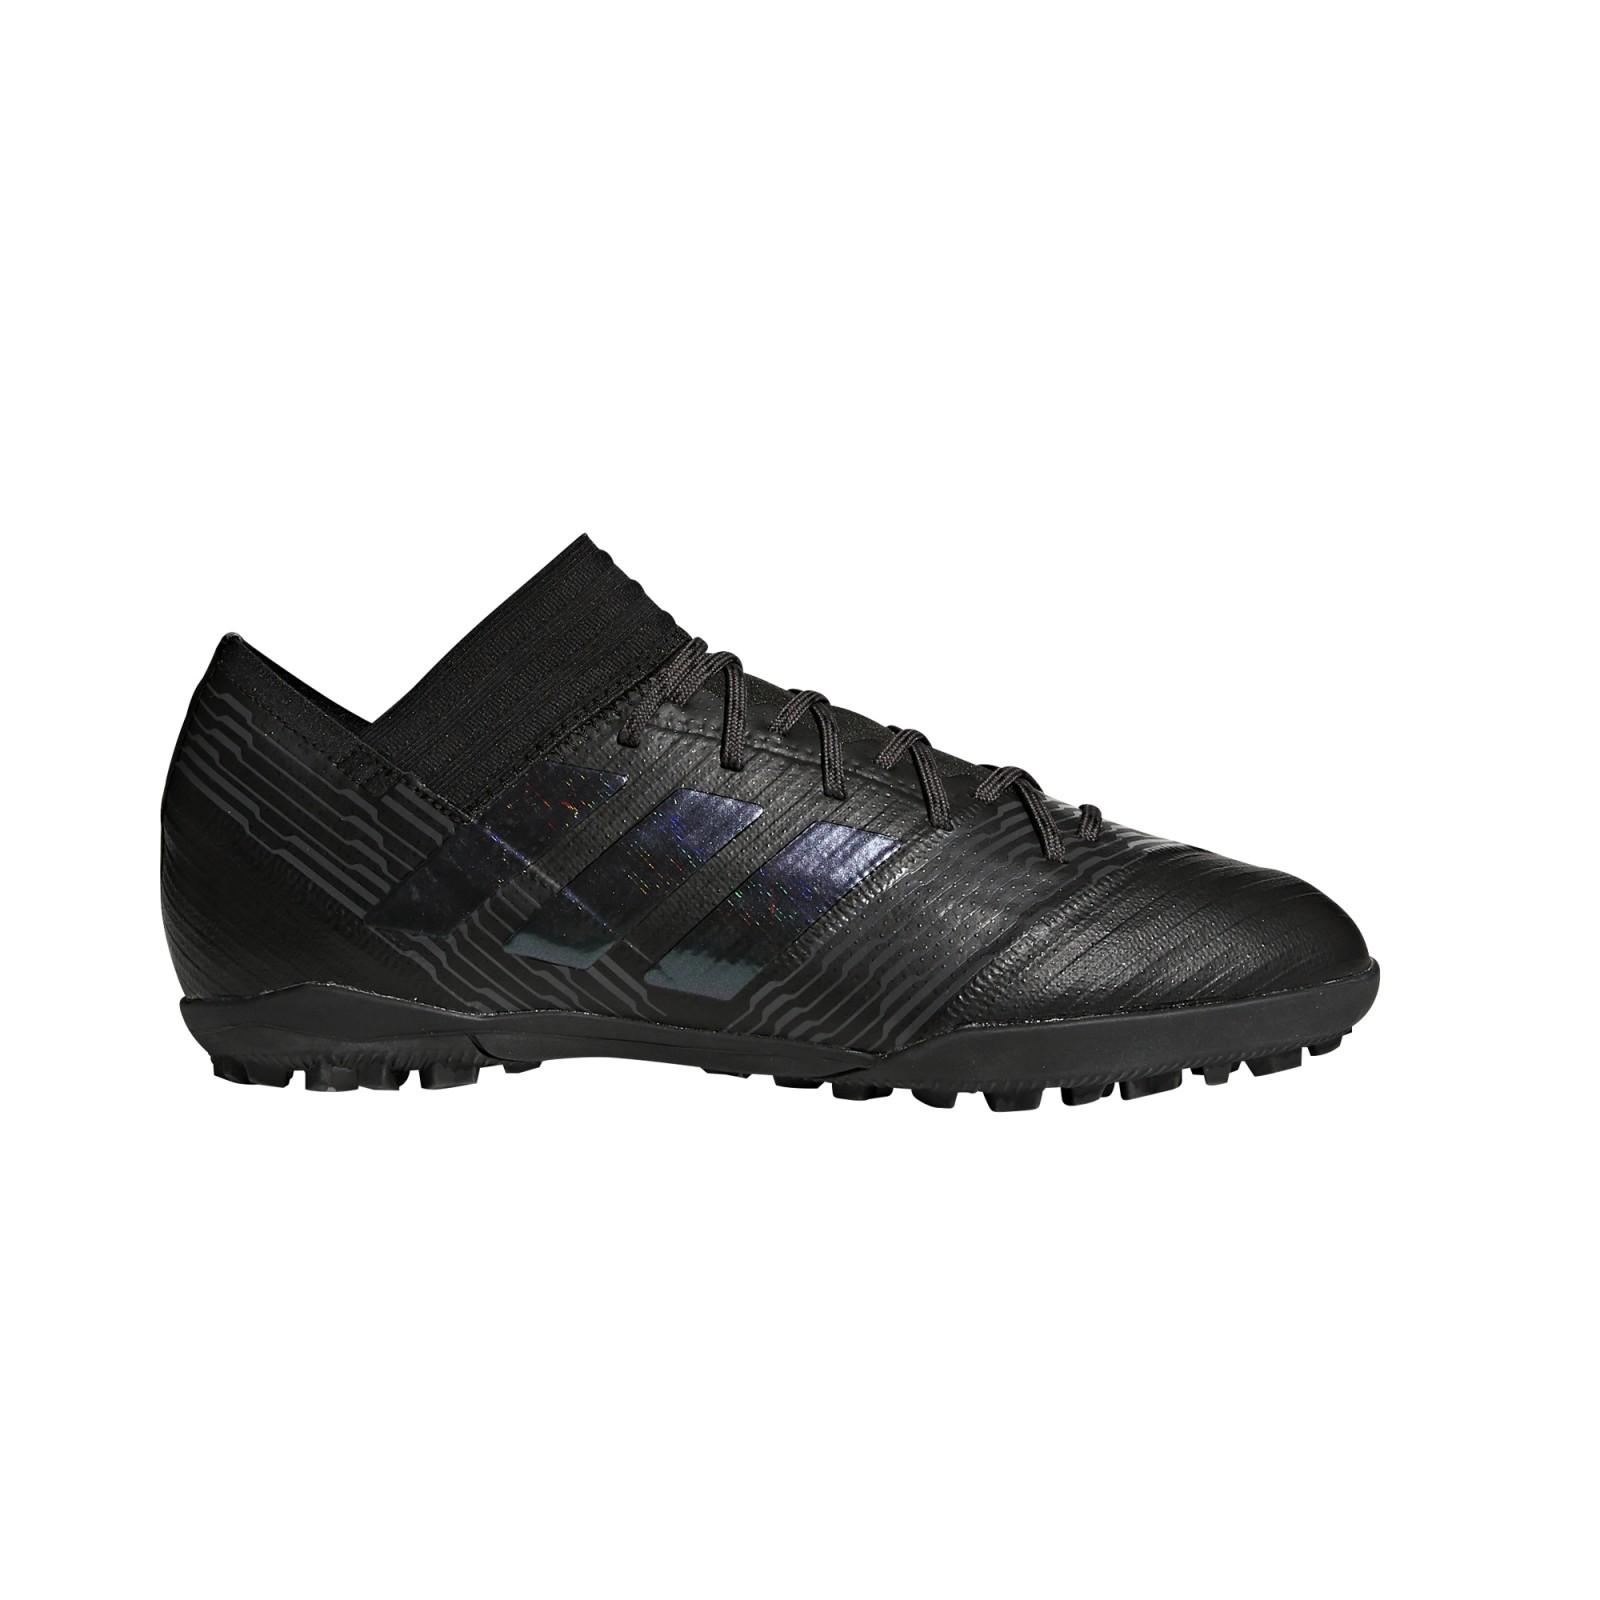 0a6425dc2ba Pánské Kopačky adidas Performance NEMEZIZ TANGO 17.3 TF